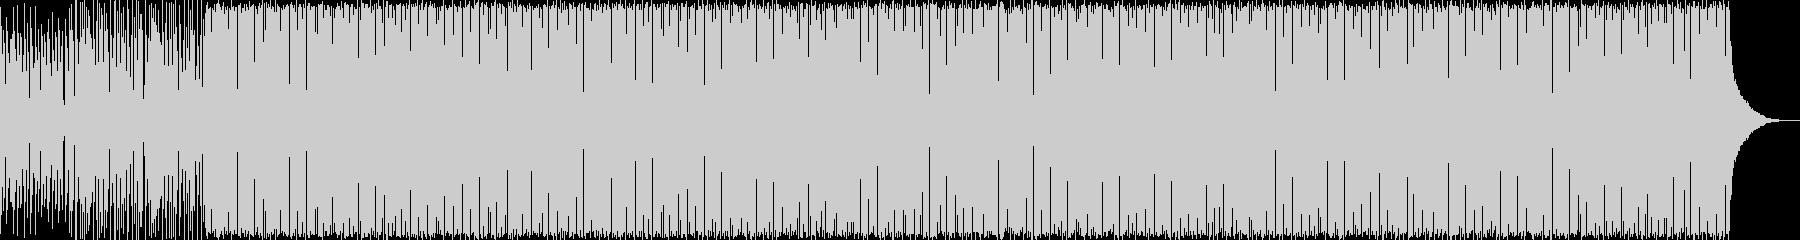 カントリー調のアコースティックギターの未再生の波形